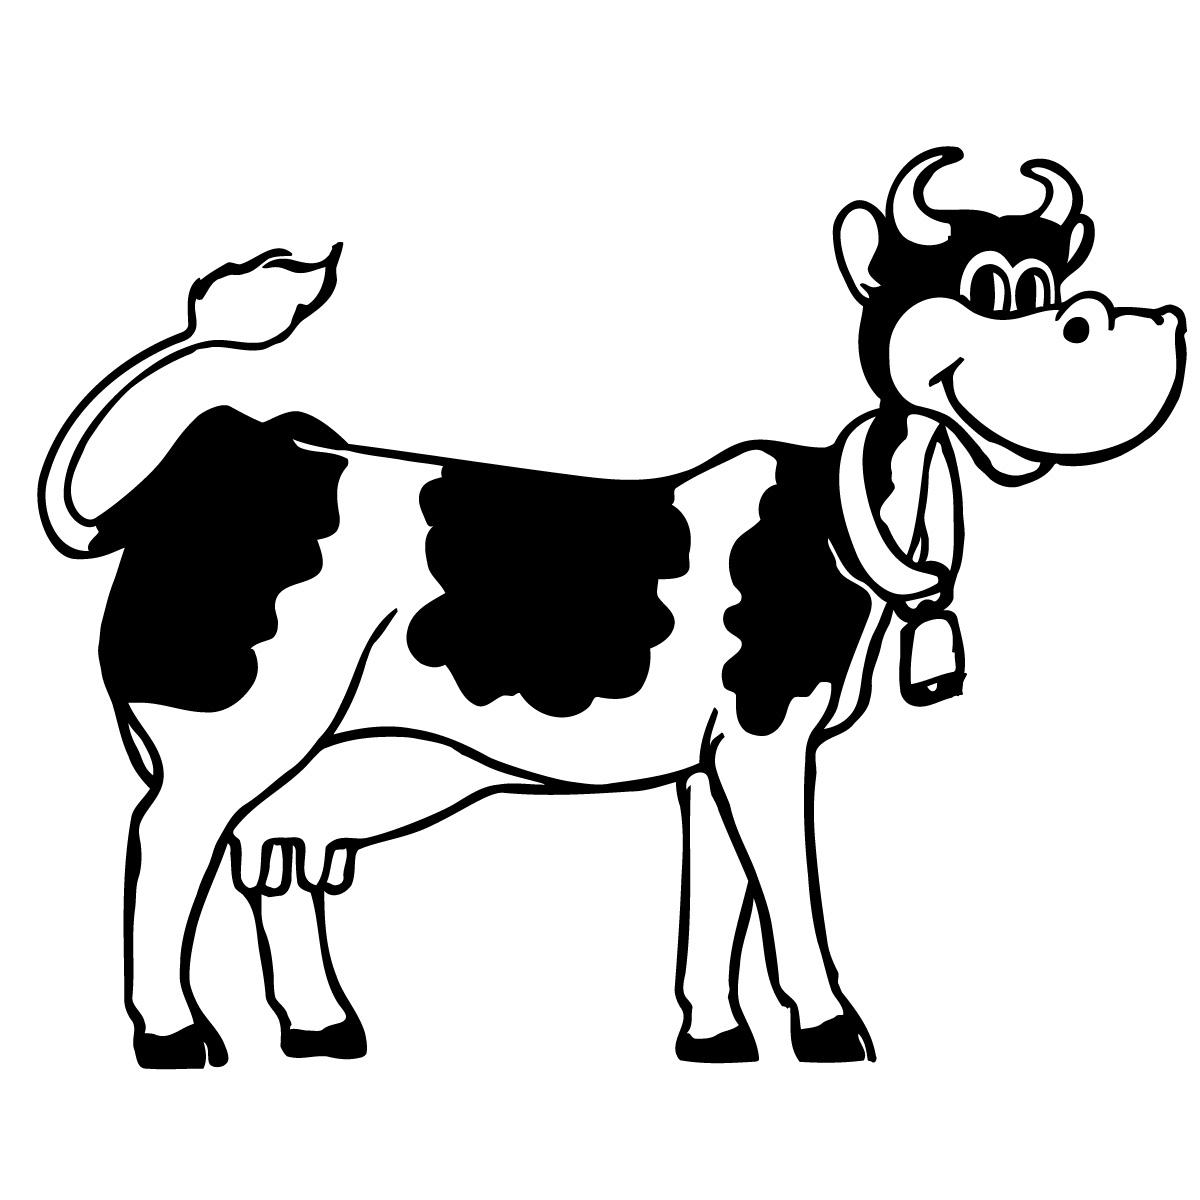 http://1.bp.blogspot.com/-0SsBamHj1ww/TrQMV3pqq5I/AAAAAAAADK4/58mXeGmyZR4/s1600/Cow+wallpaper+%25288%2529.jpg